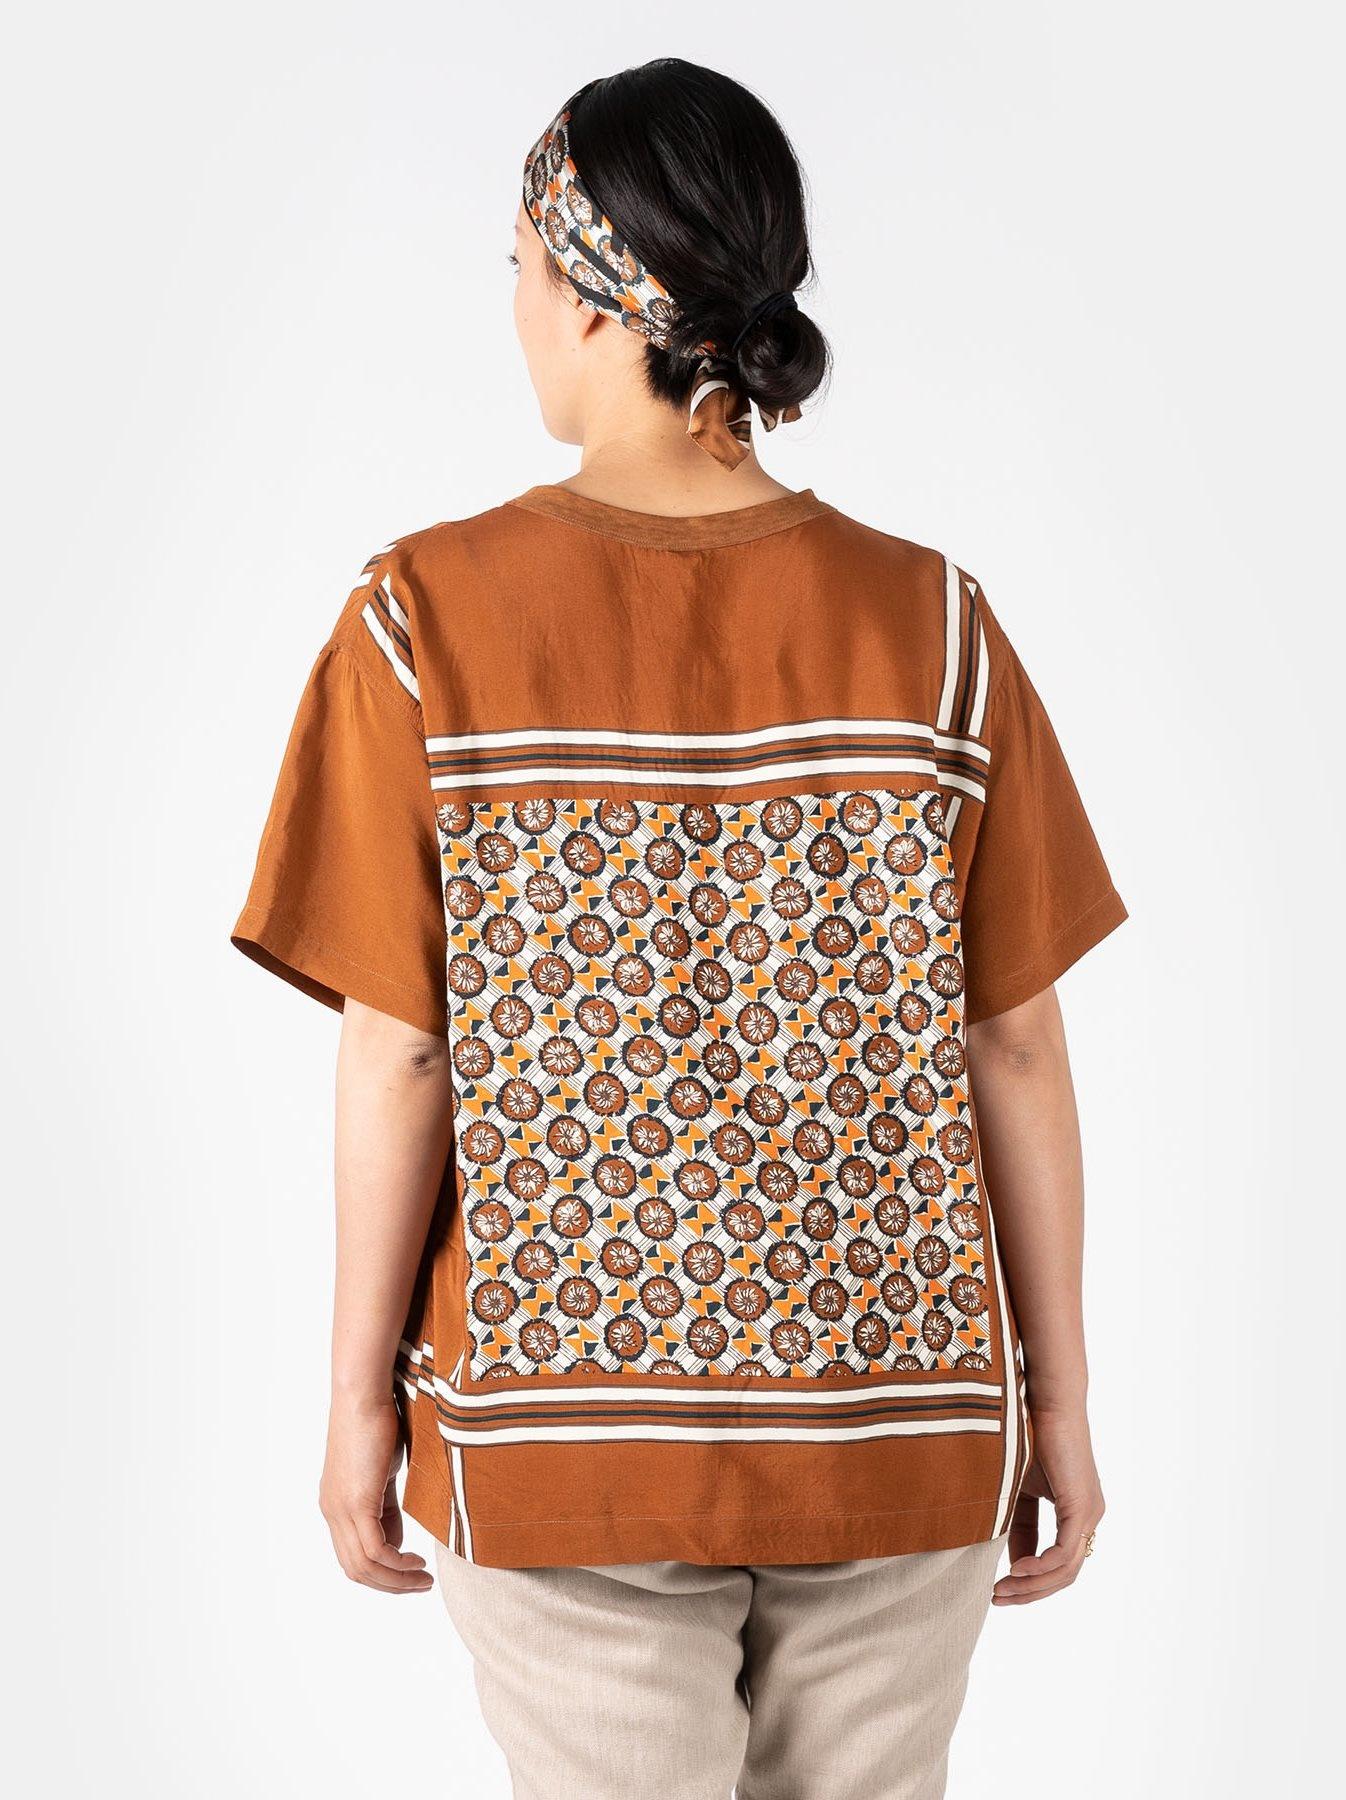 WH Rayon Bandana T-shirt-5